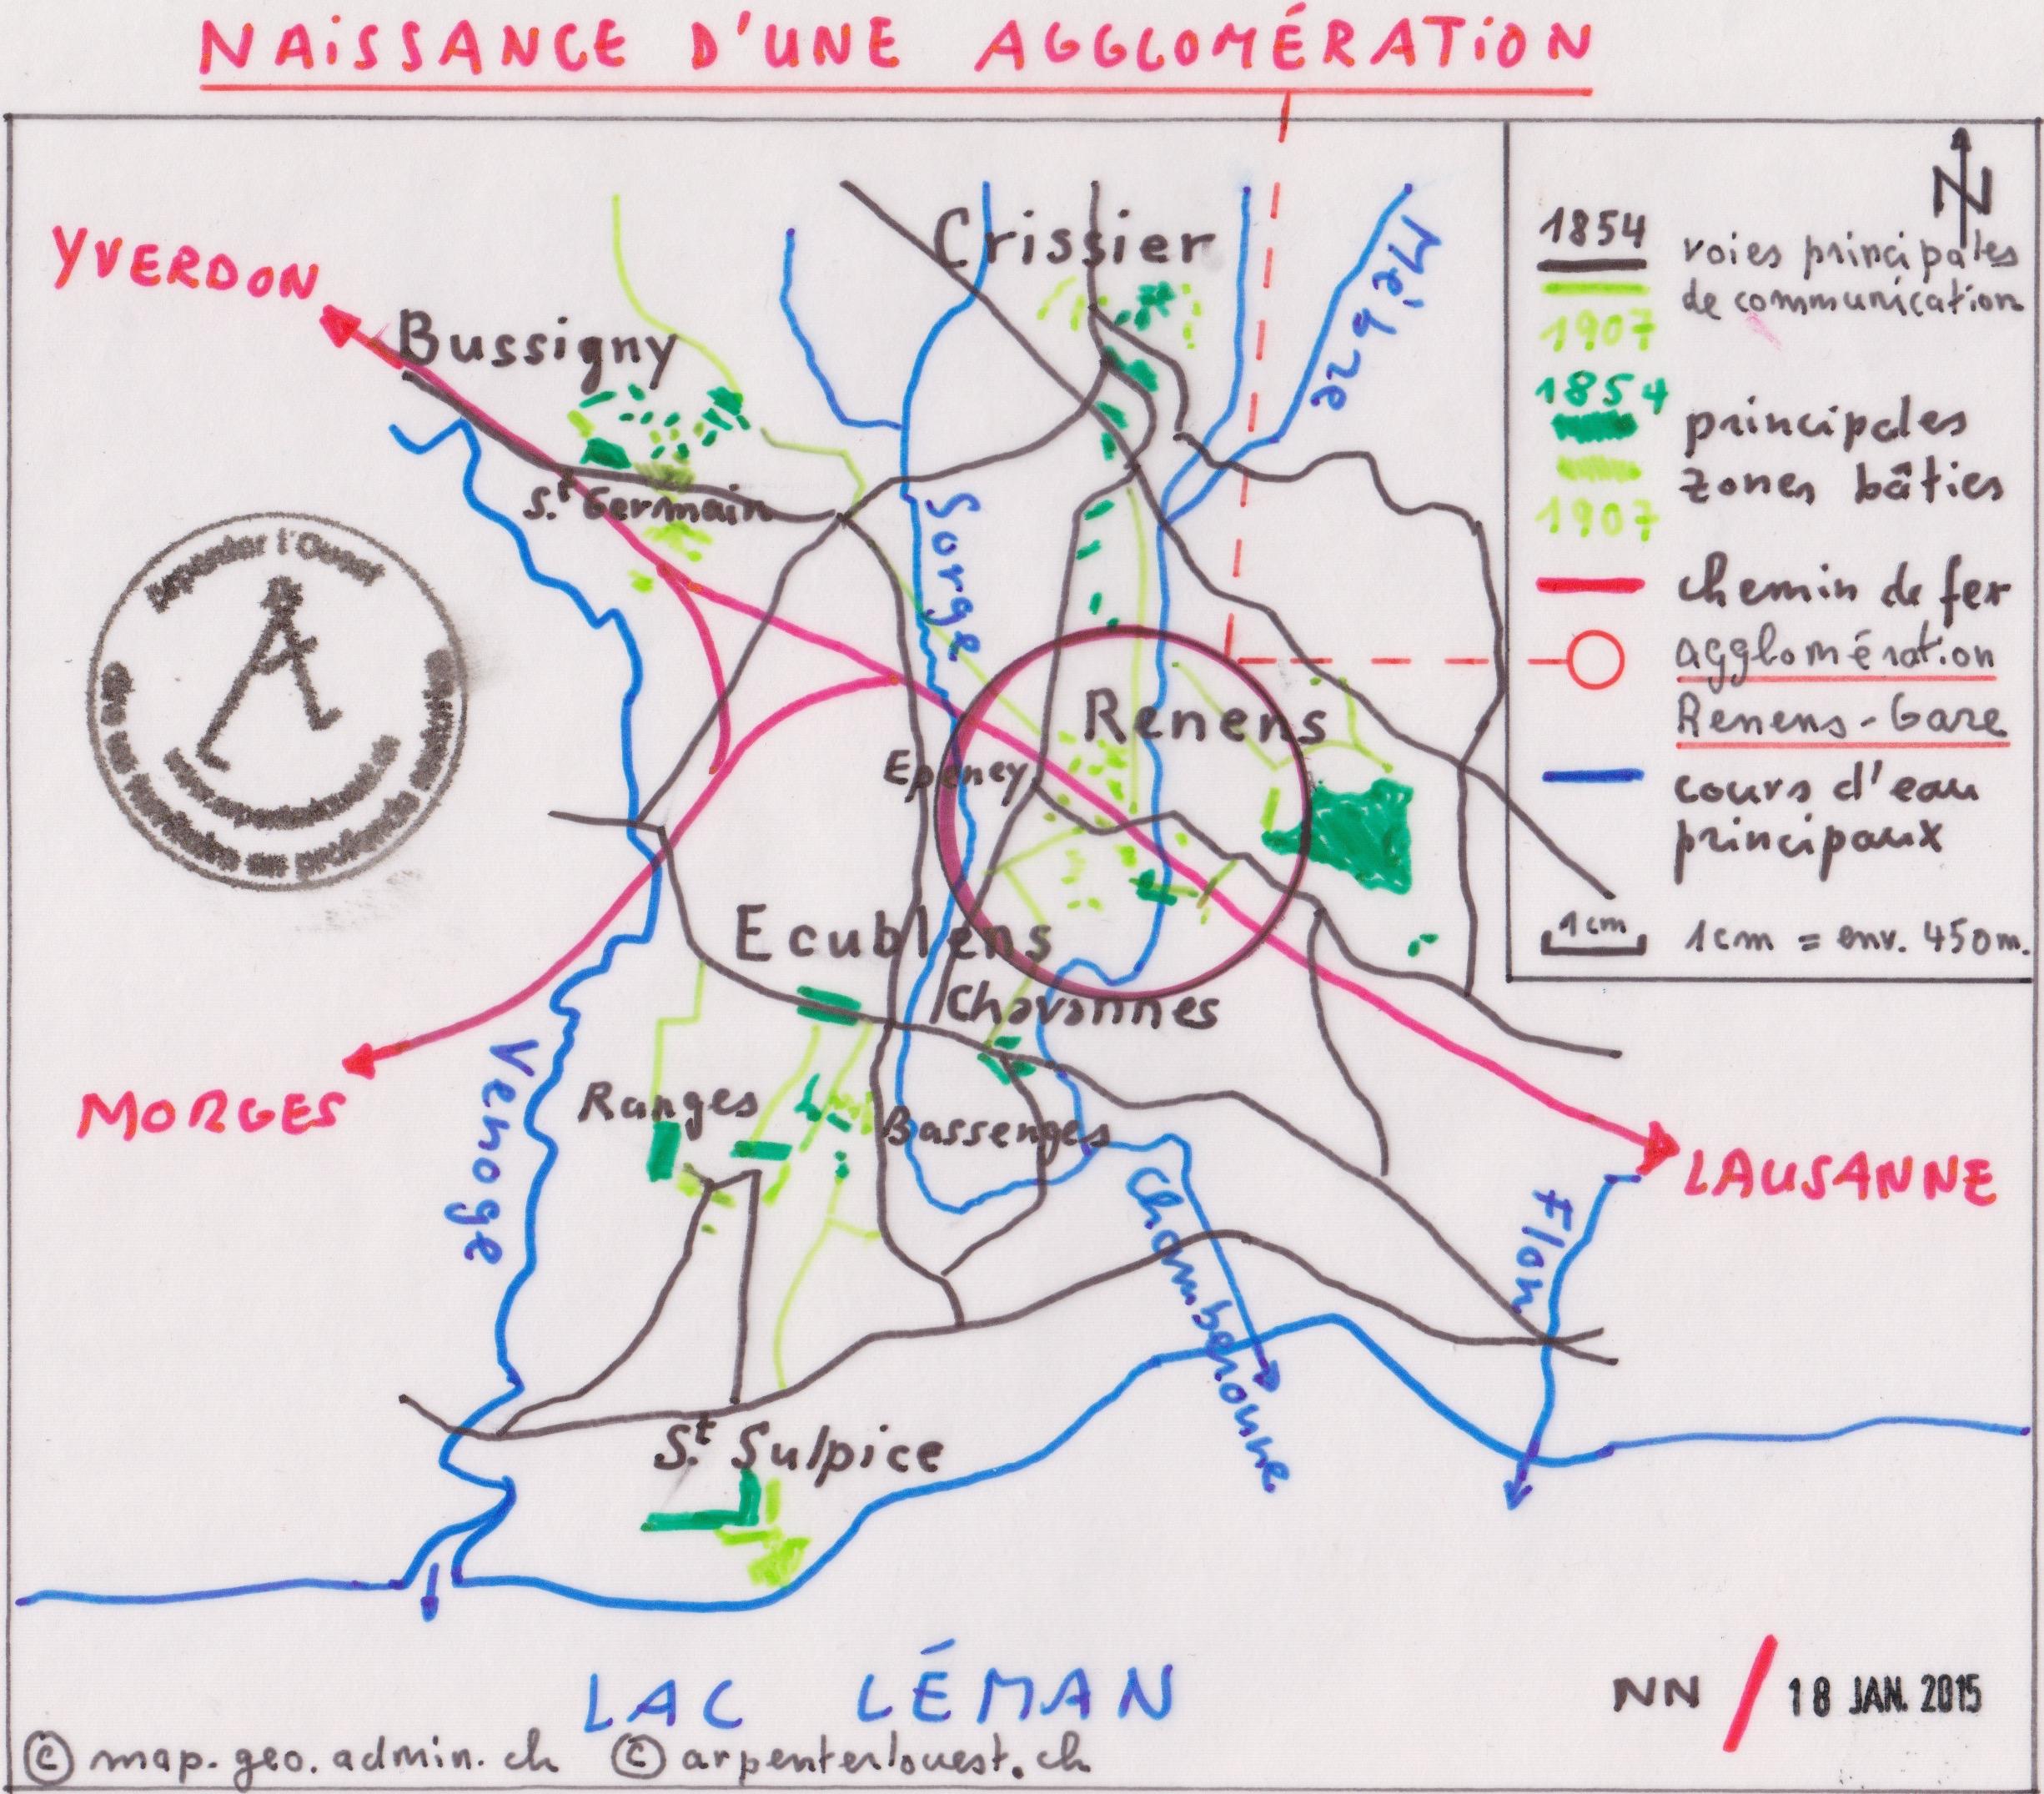 Naissance_d'une_agglomération